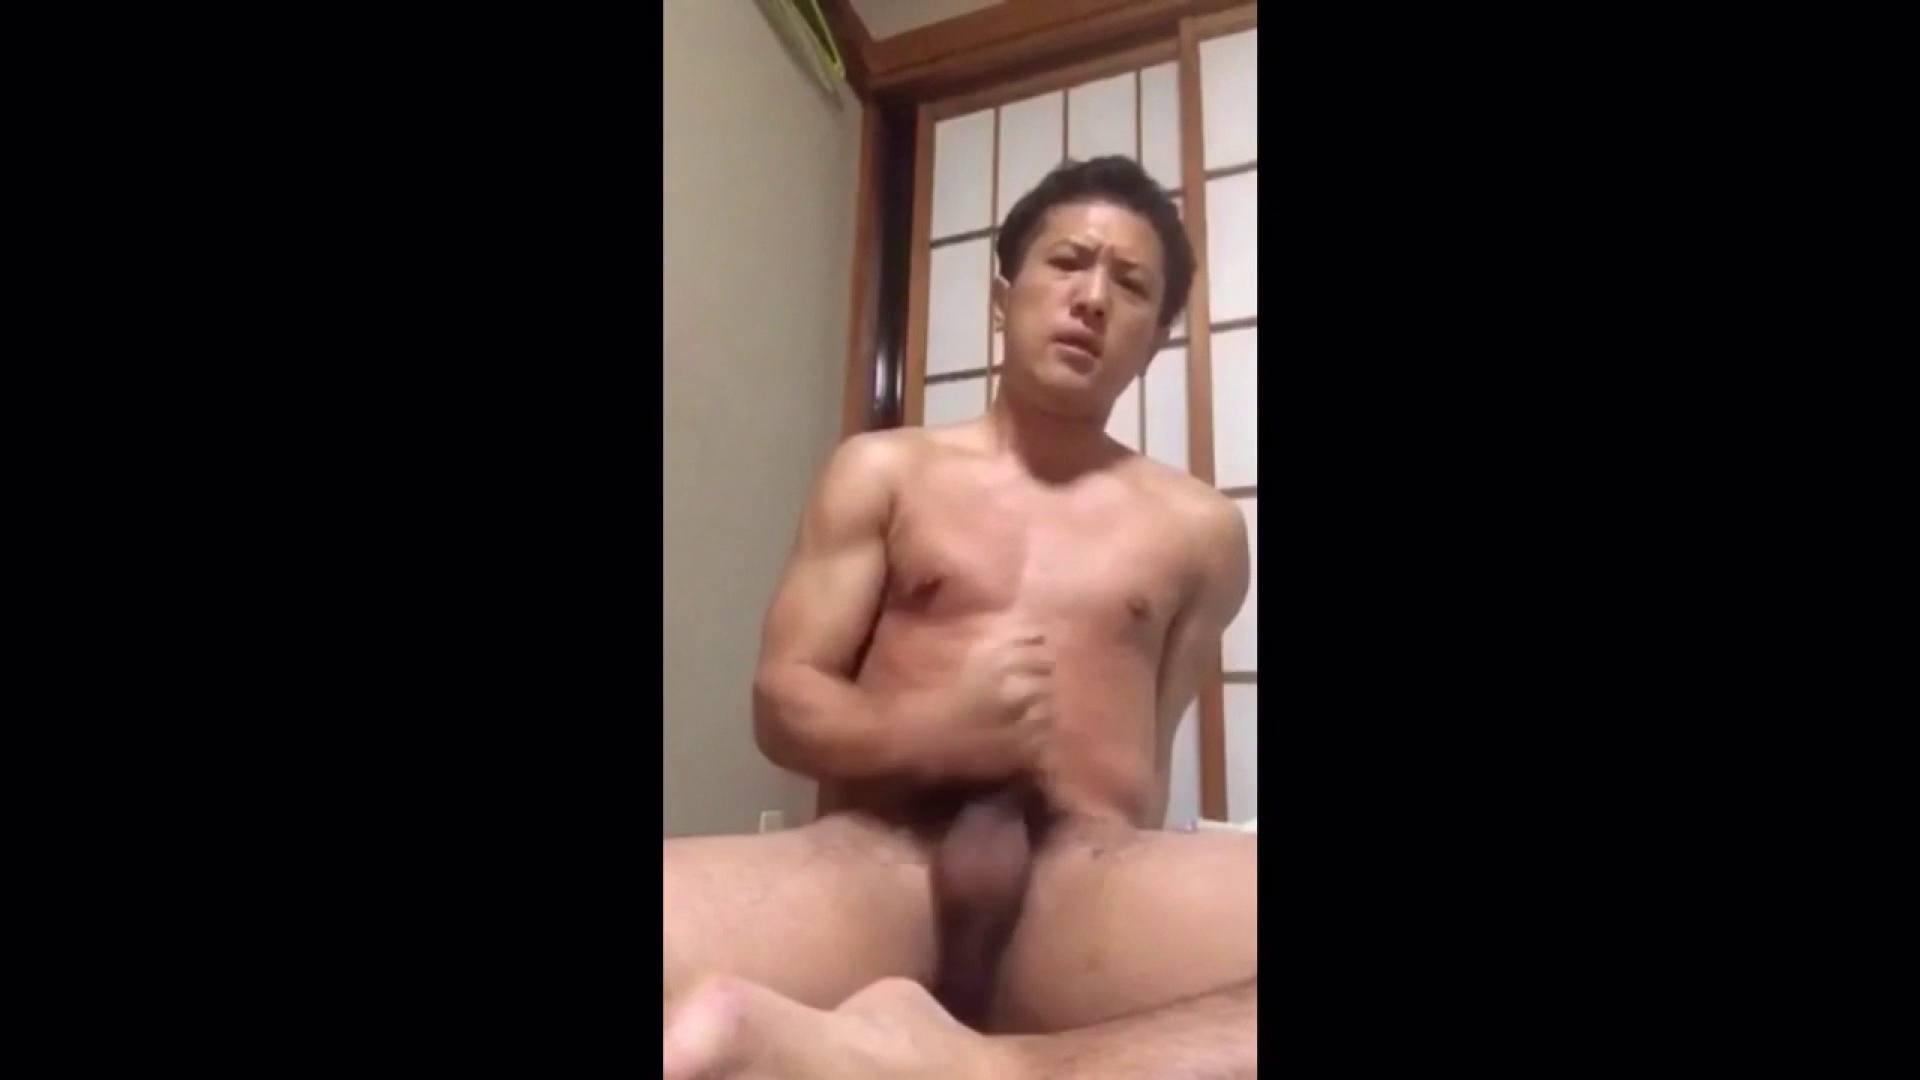 個人撮影 自慰の極意 Vol.25 ゲイのオナニー映像  75枚 60